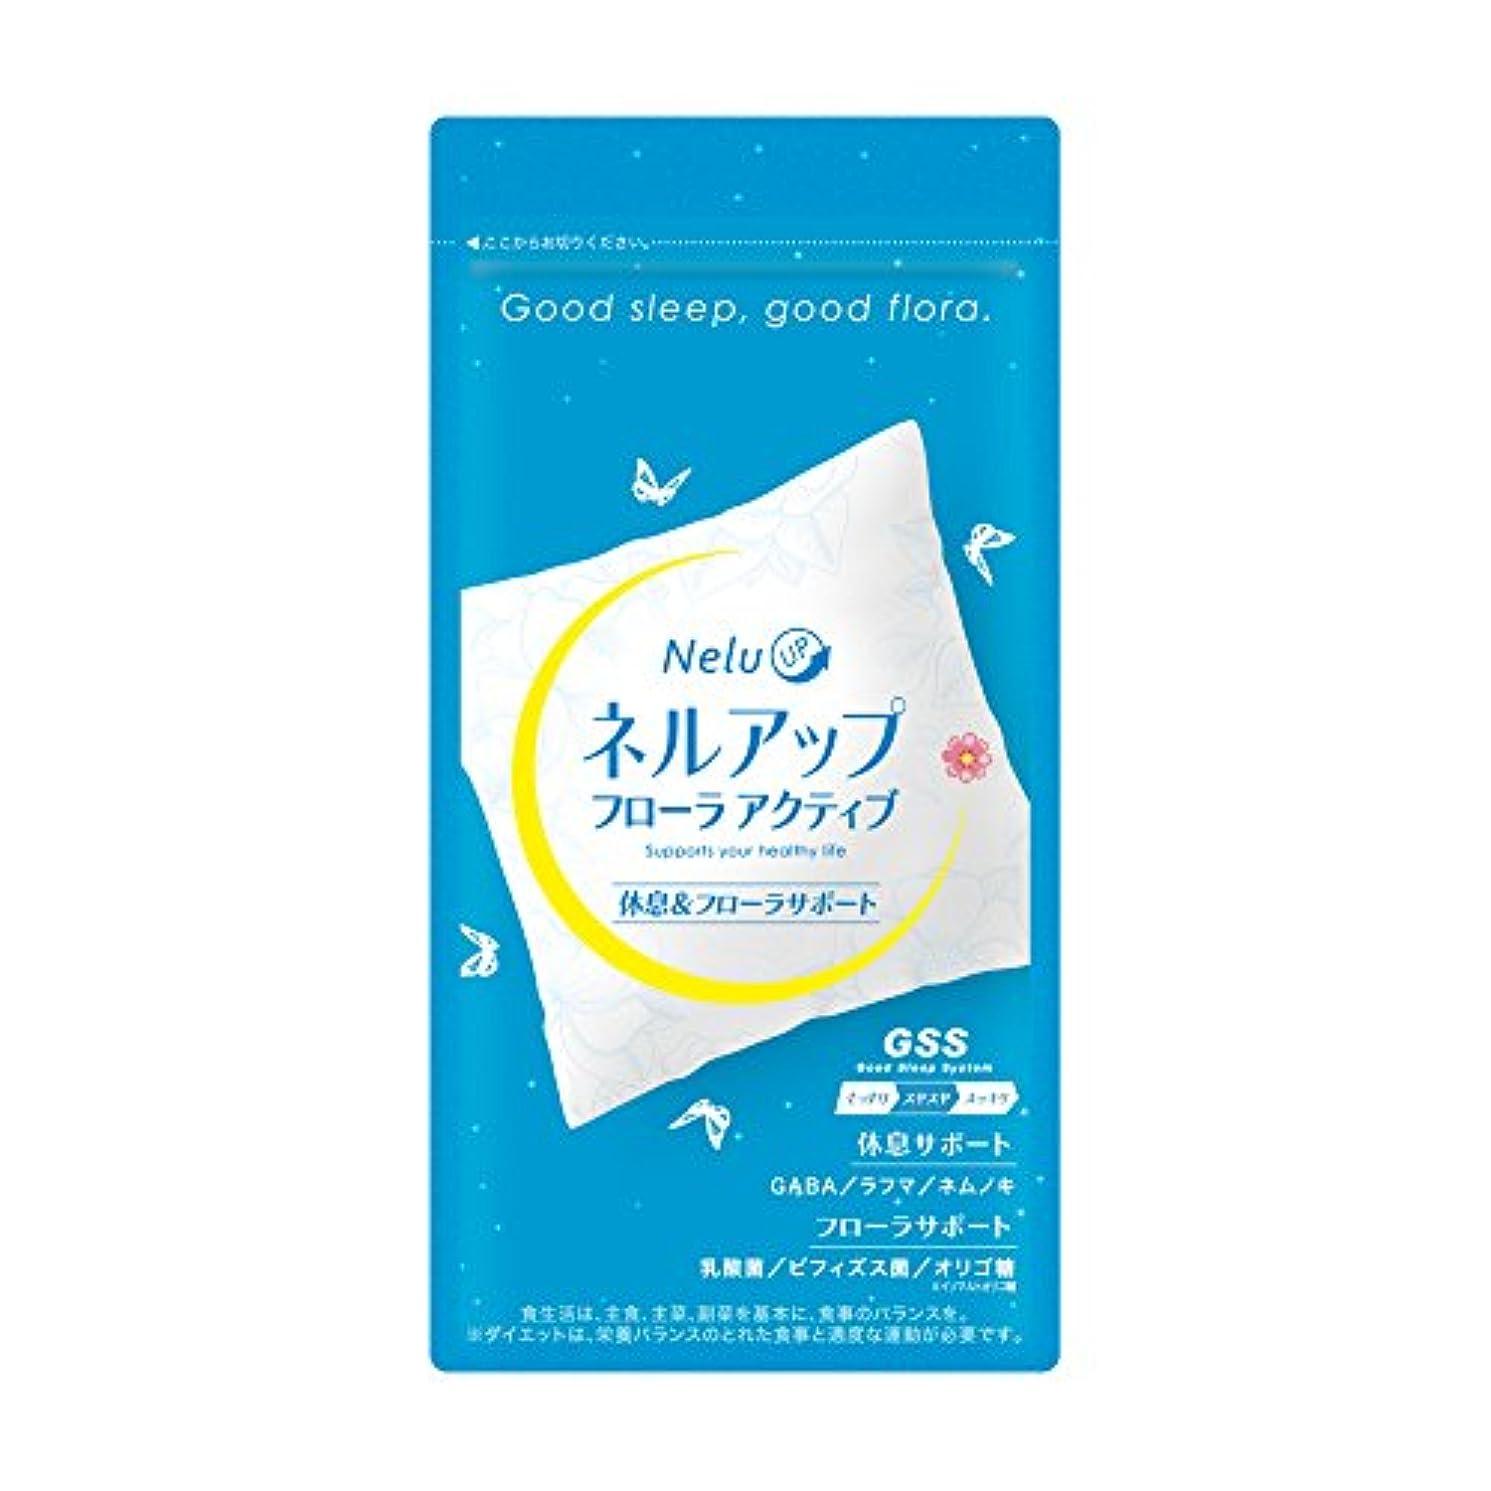 電池魅力的先例ネルアップフローラアクティブ 62粒 ダイエット ダイエットサプリ ダイエットサプリメント 睡眠 GABA